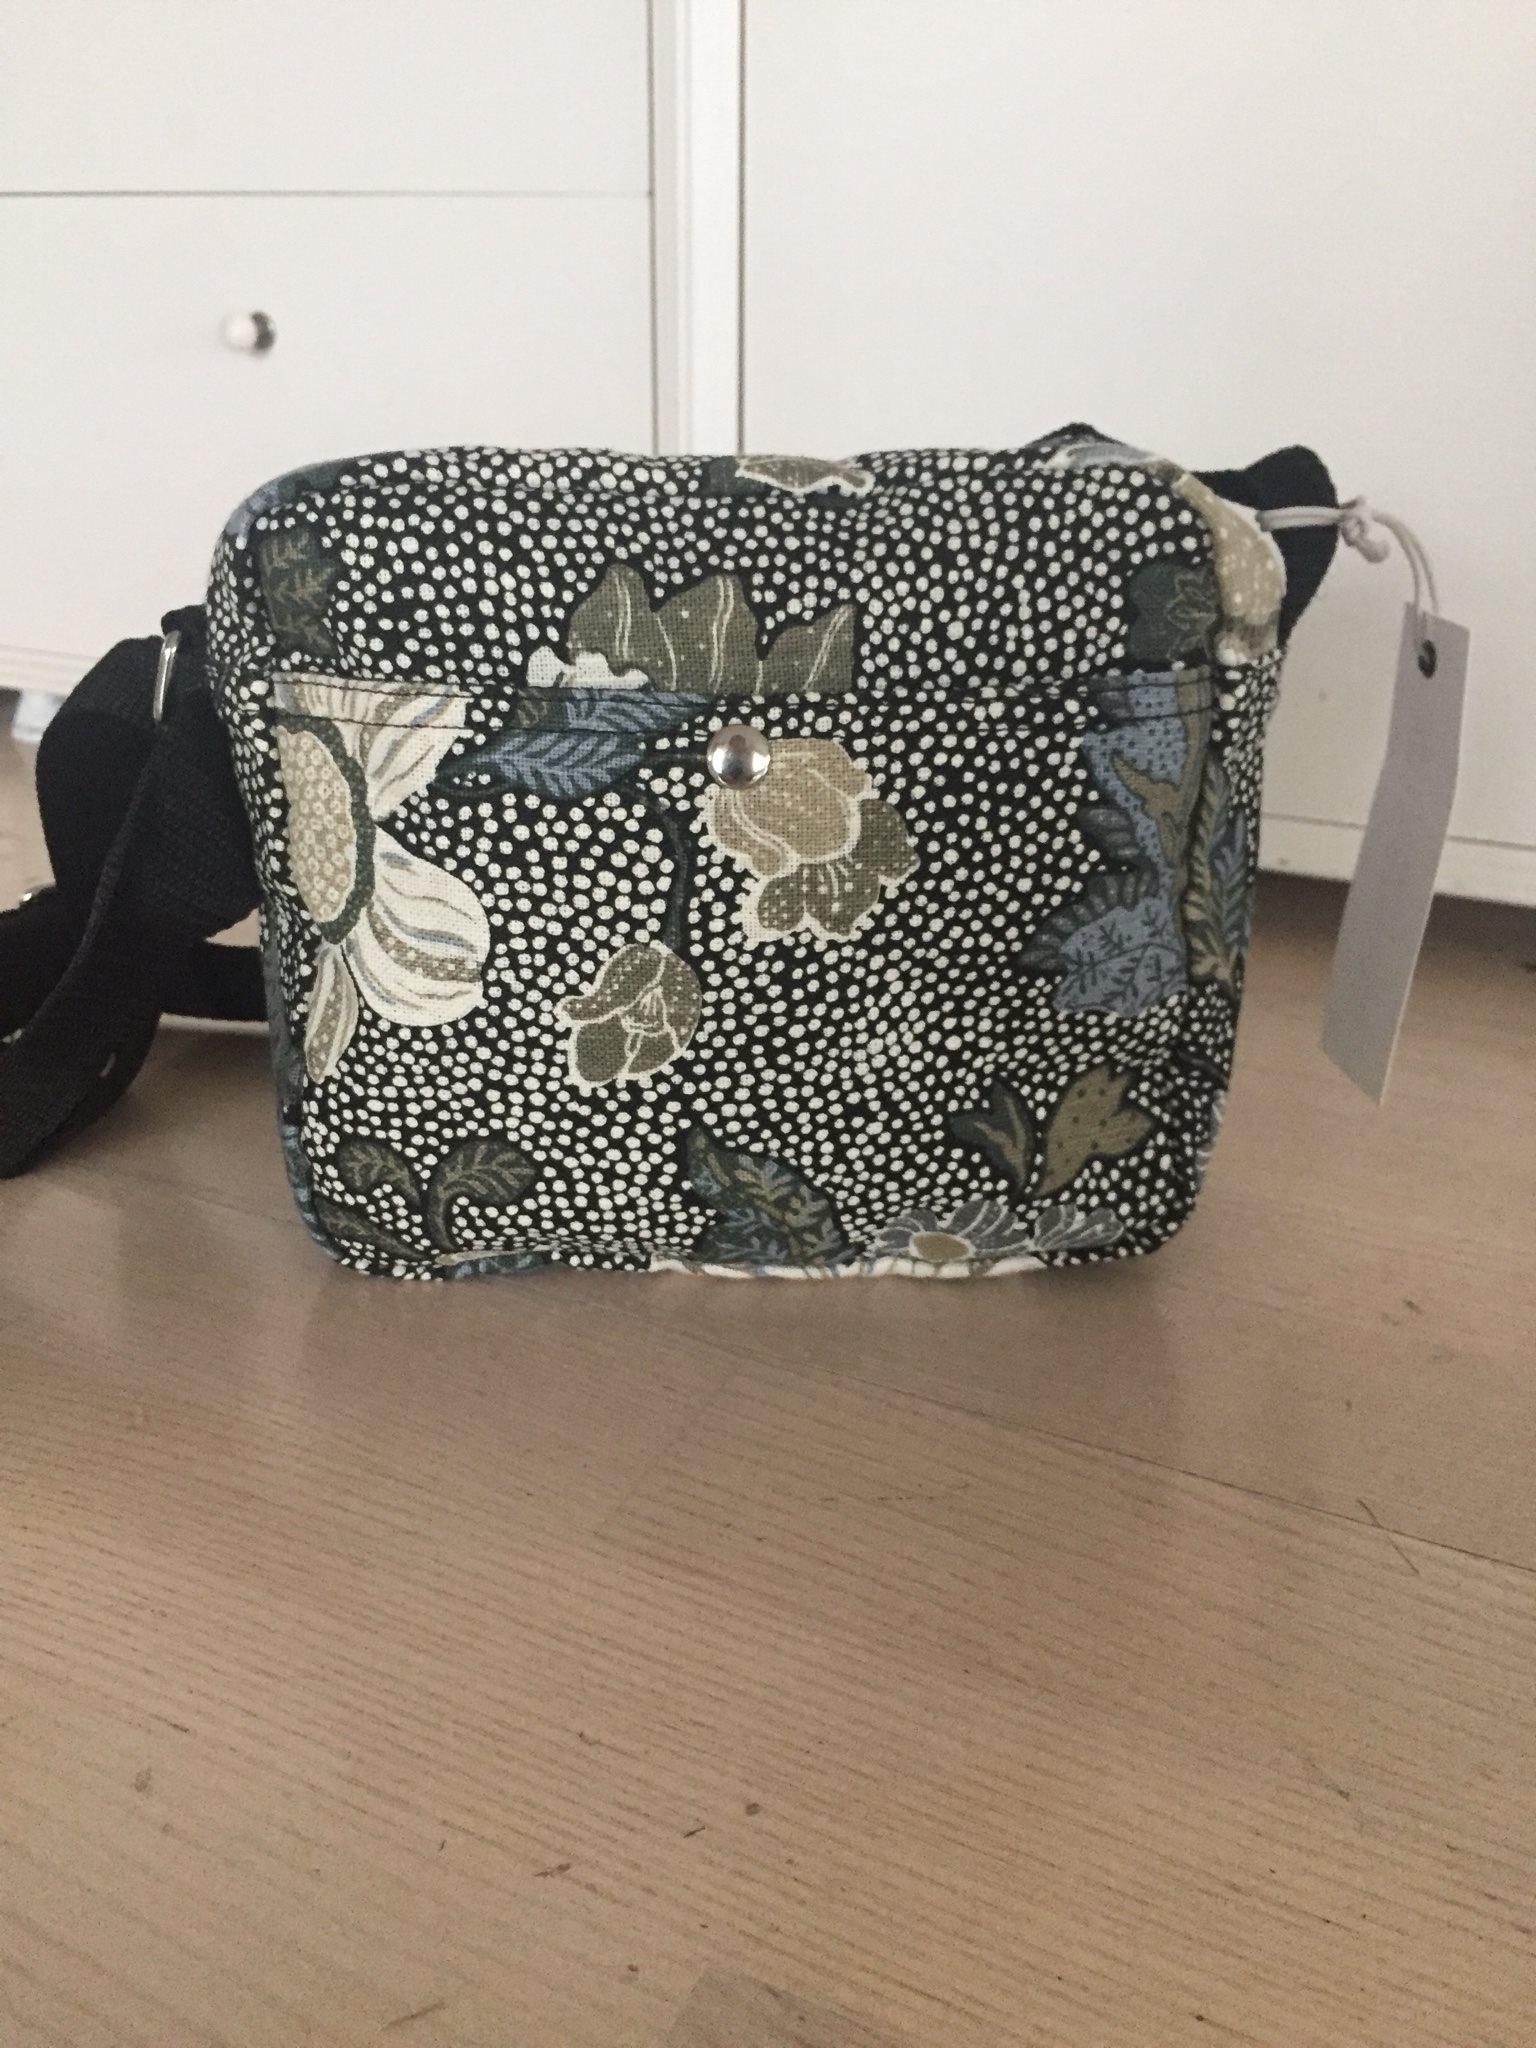 Jättefin handväska väska axelremsväska från Cea.. (331537191) ᐈ Köp ... 59e5cb4e446e4